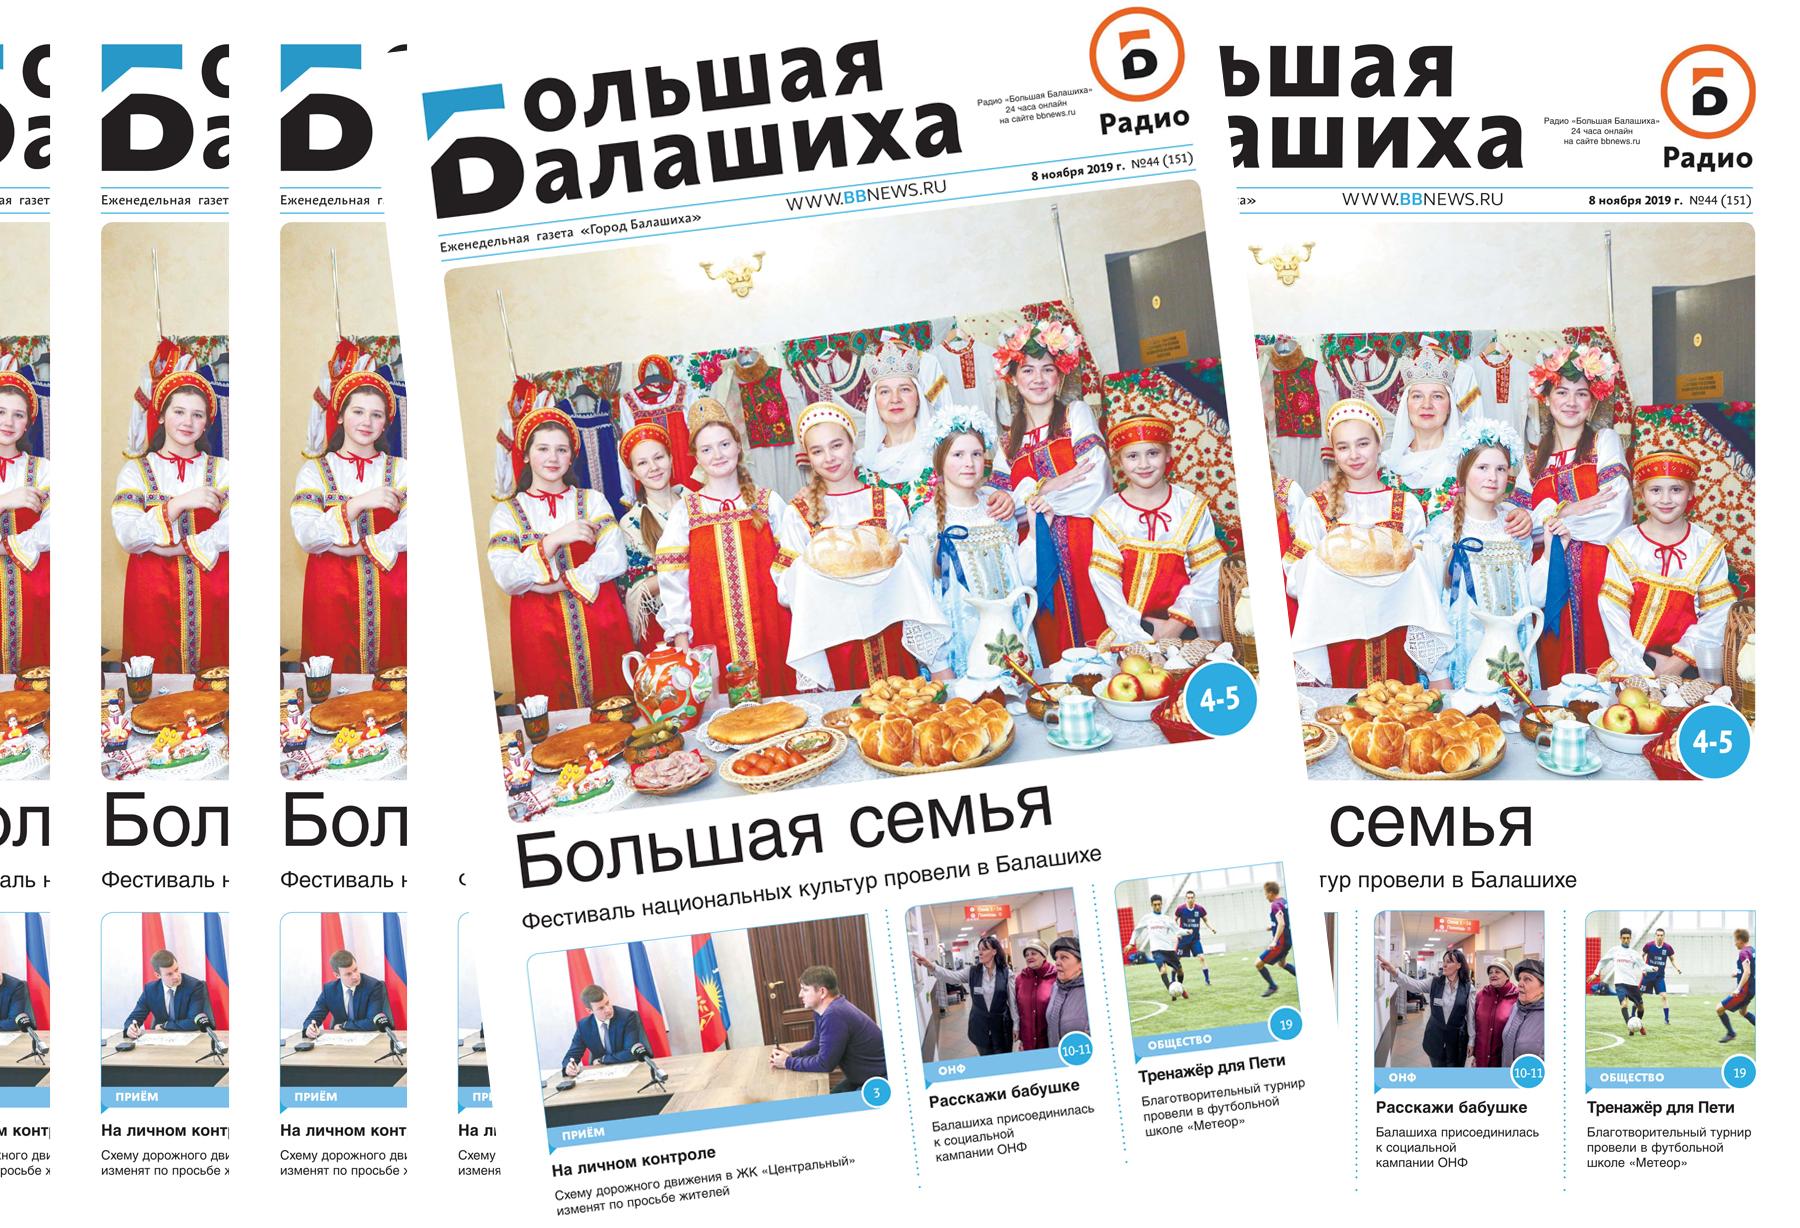 Вышла газета «Город Балашиха» №44 (151)